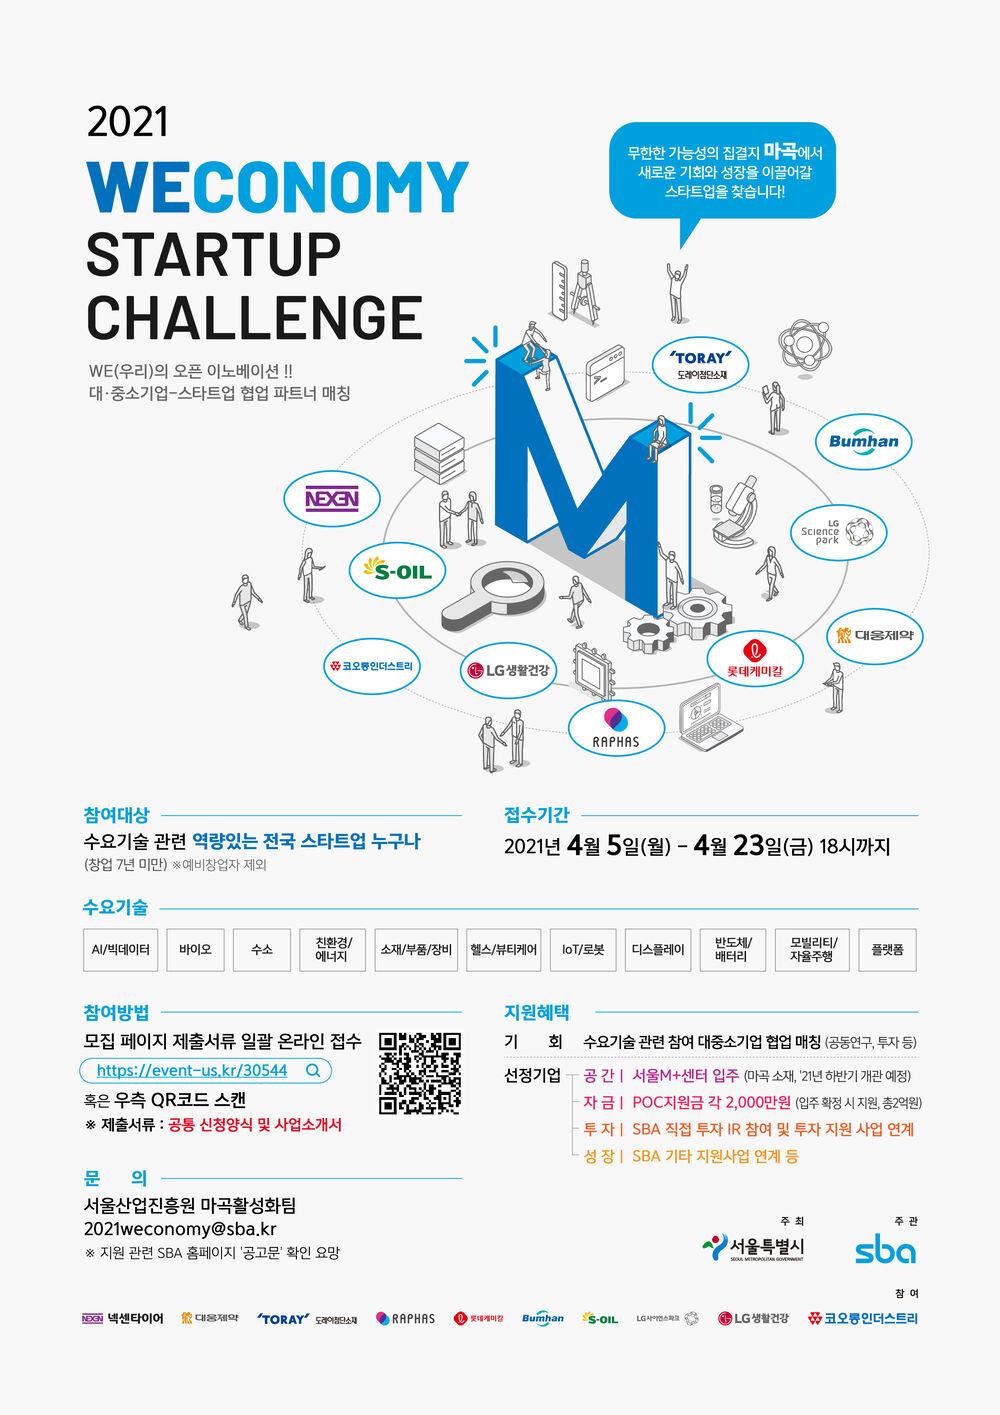 [포스터] 2021 Weconomy Startup Challenge 포스터.jpg